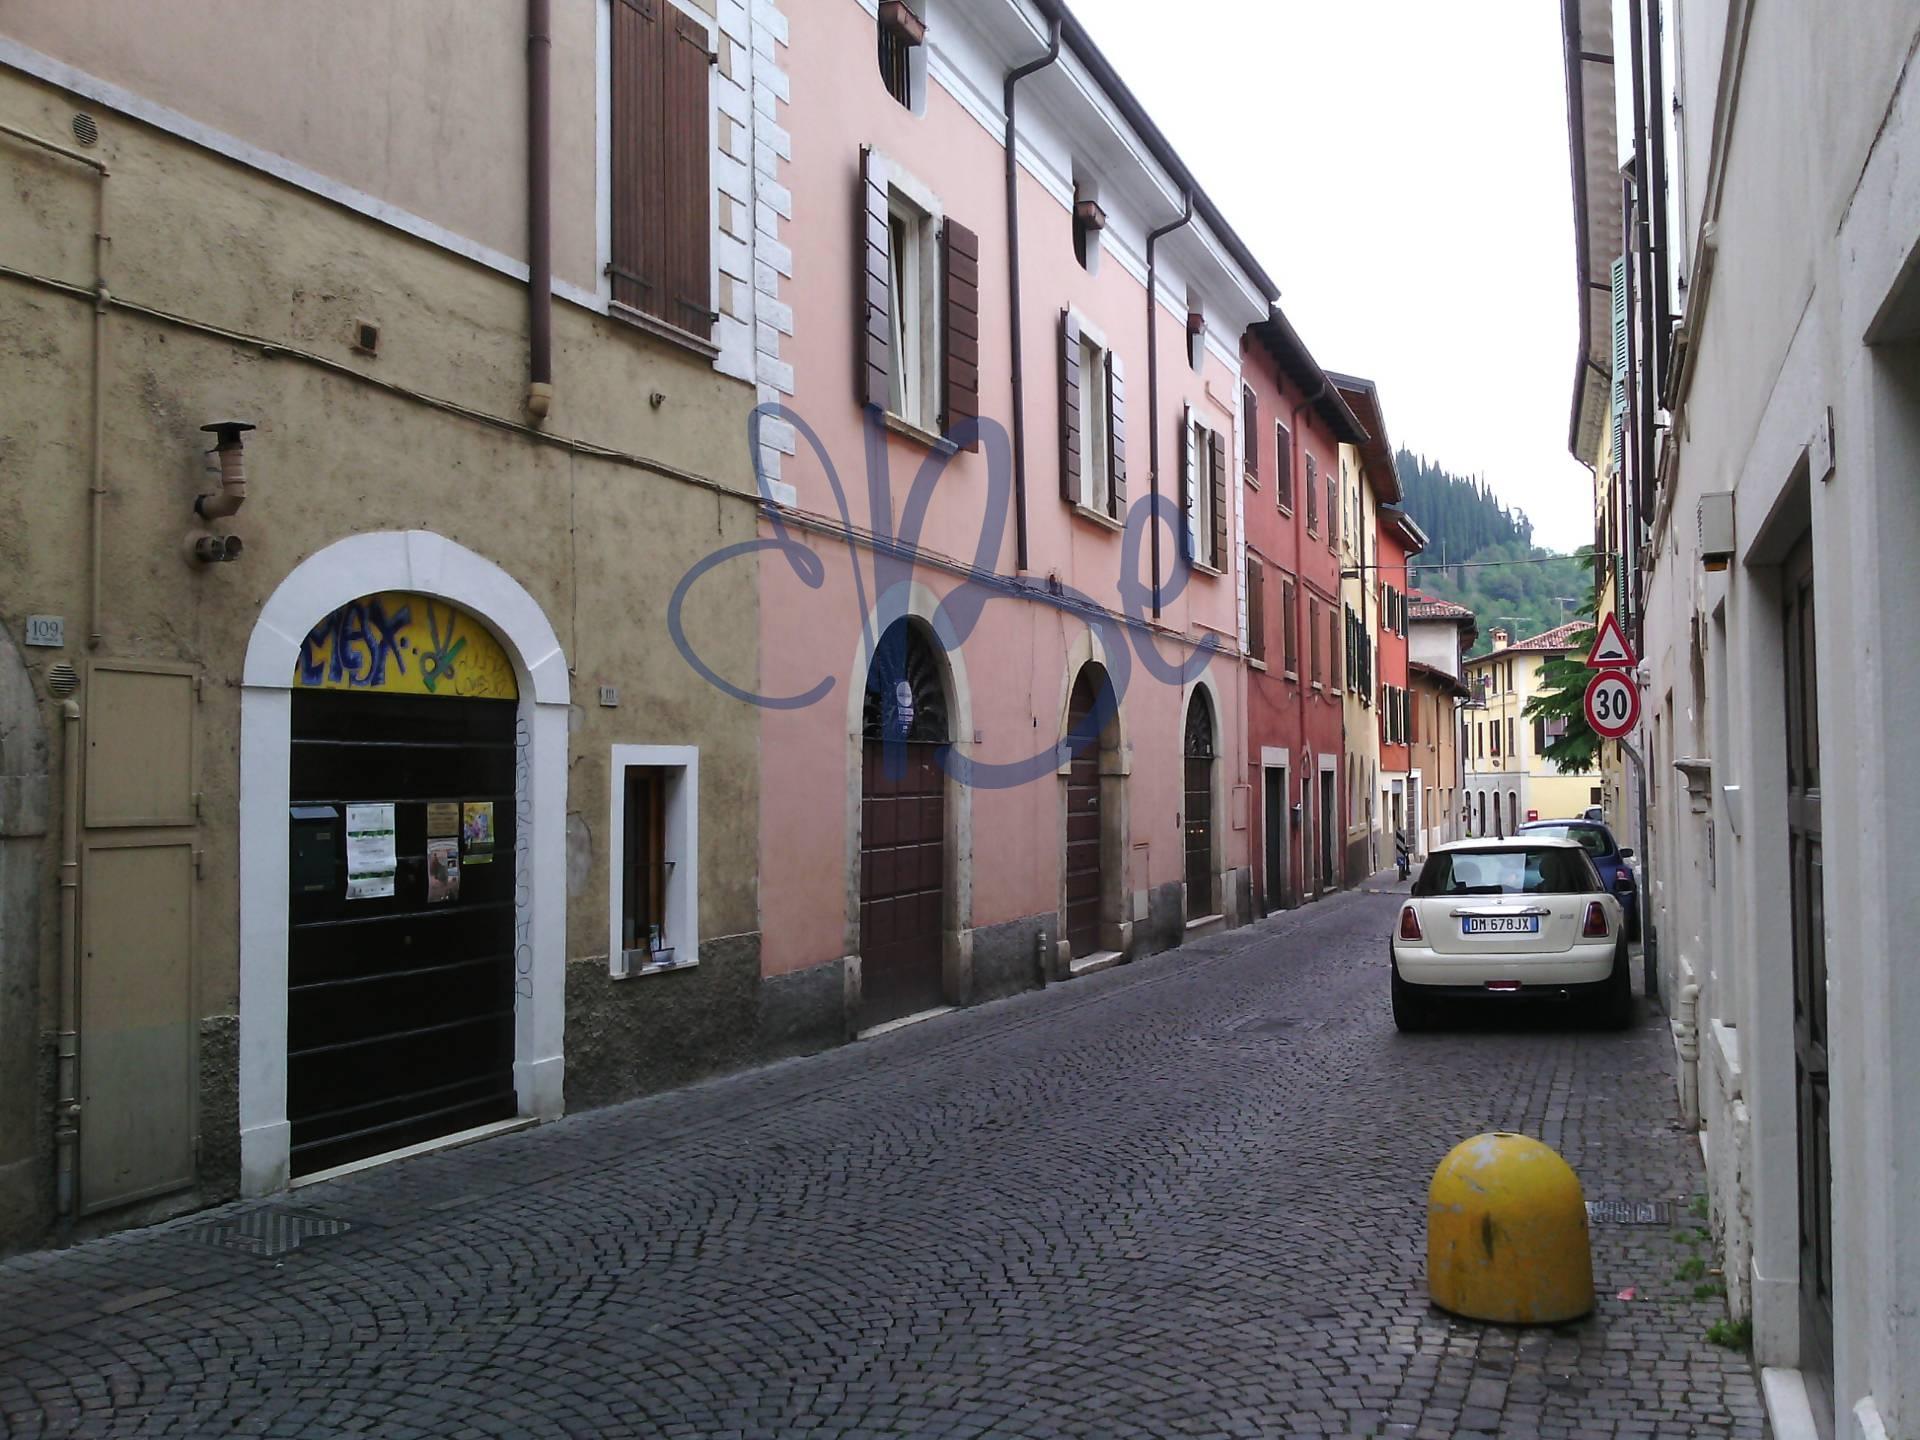 Ufficio / Studio in vendita a Toscolano-Maderno, 9999 locali, zona Zona: Toscolano, prezzo € 49.000 | Cambio Casa.it